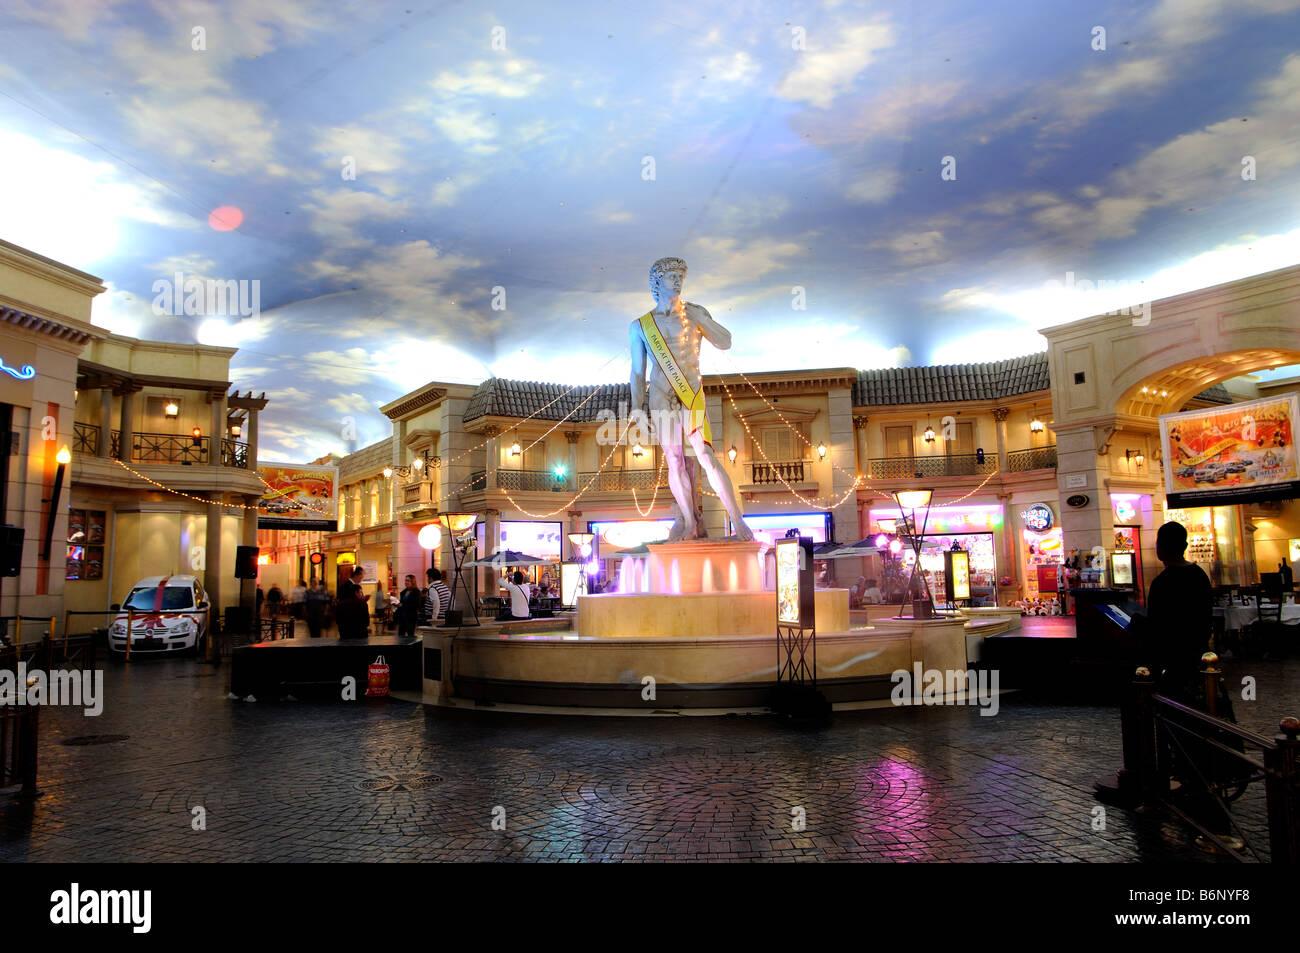 L'empereur s palace mall Johannesburg Afrique du Sud Photo Stock